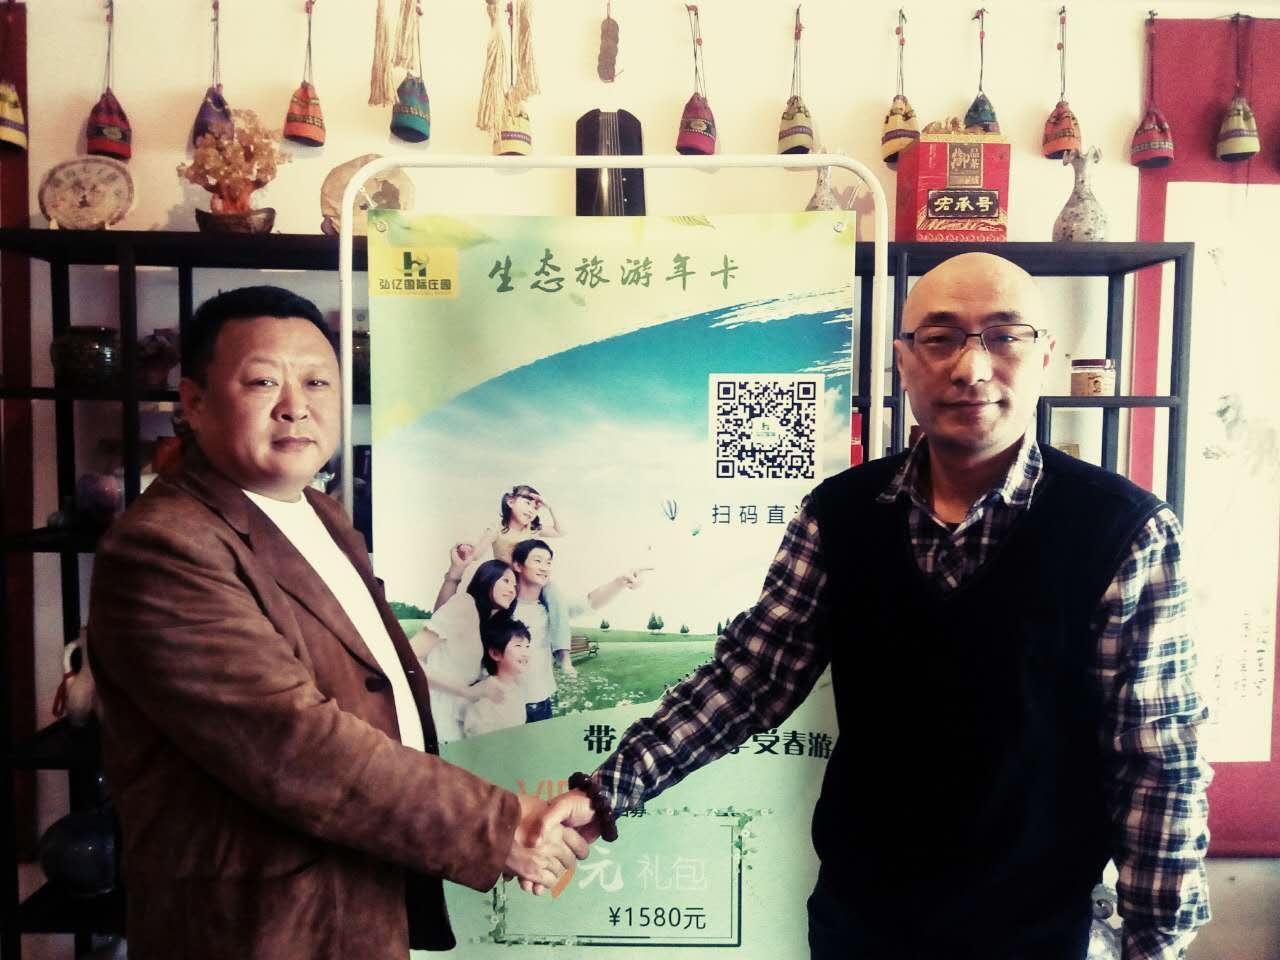 利世姜茶、弘亿国际庄园跨界合作,共建田园综合体